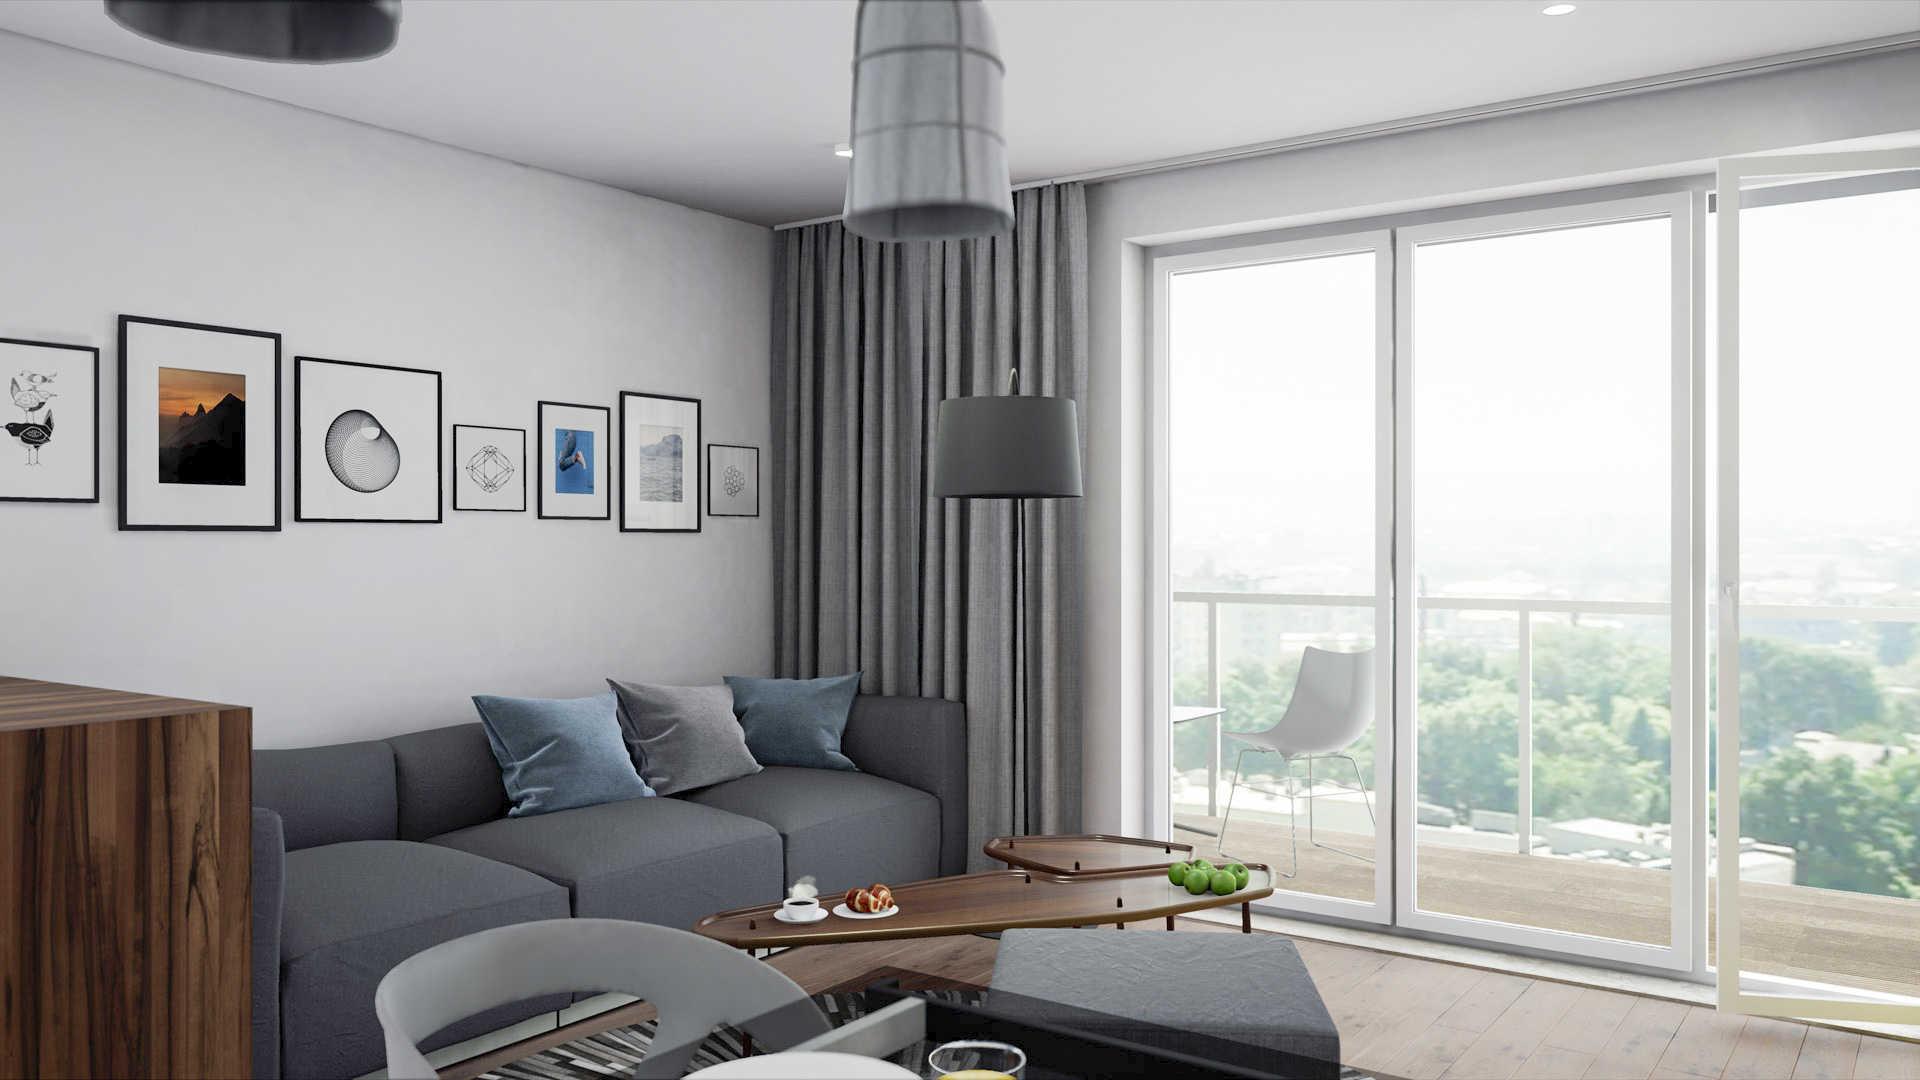 6923da83203945 Kupno mieszkania - zalety rynku pierwotnego w Rzeszowie - DevelopRes